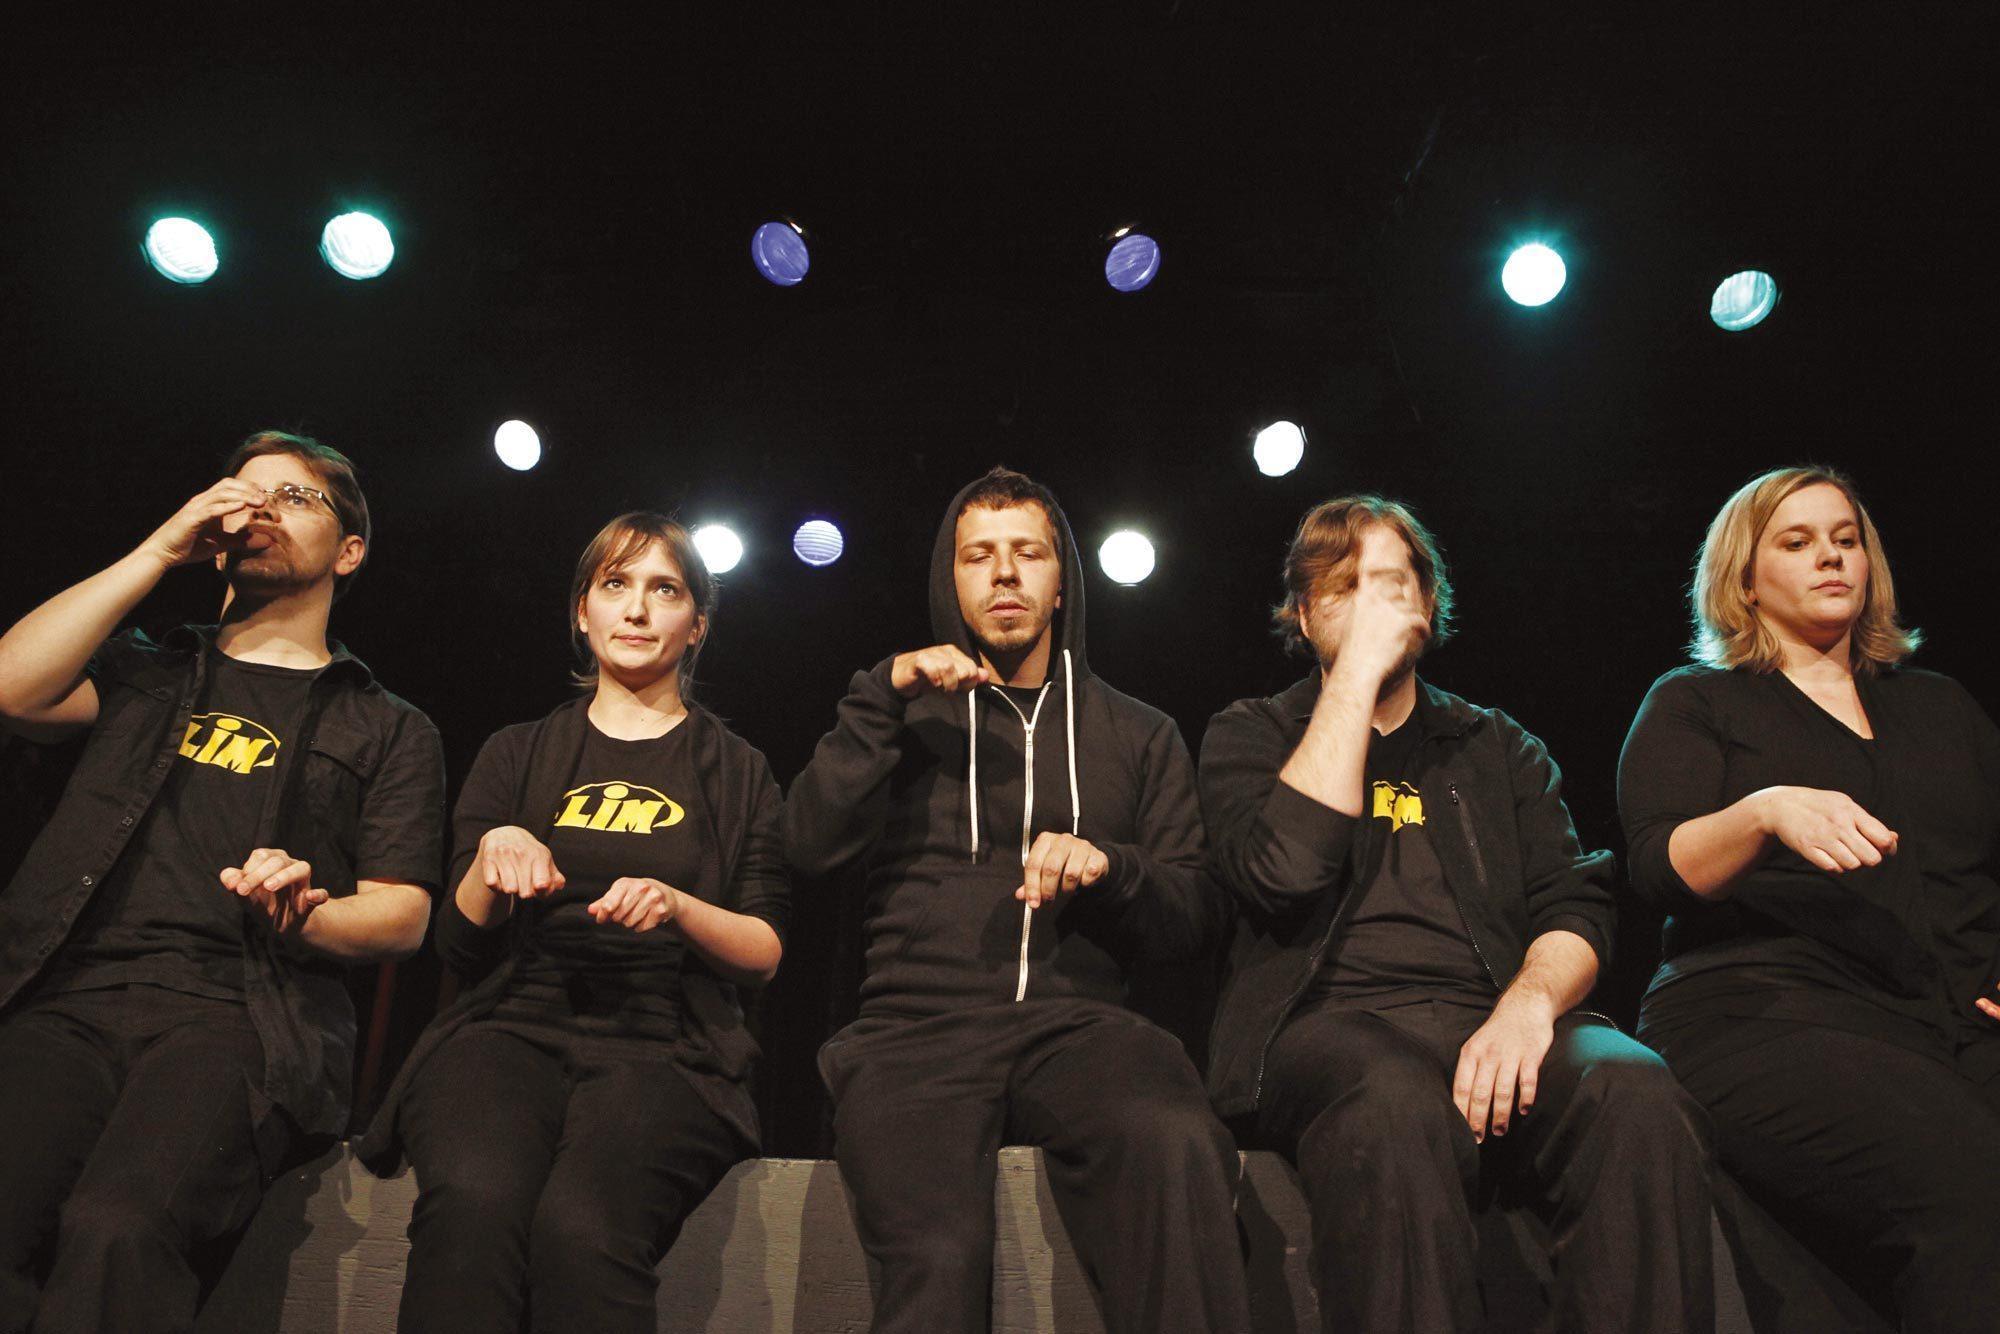 Représentation de la Ligue d'improvisation montréalaise